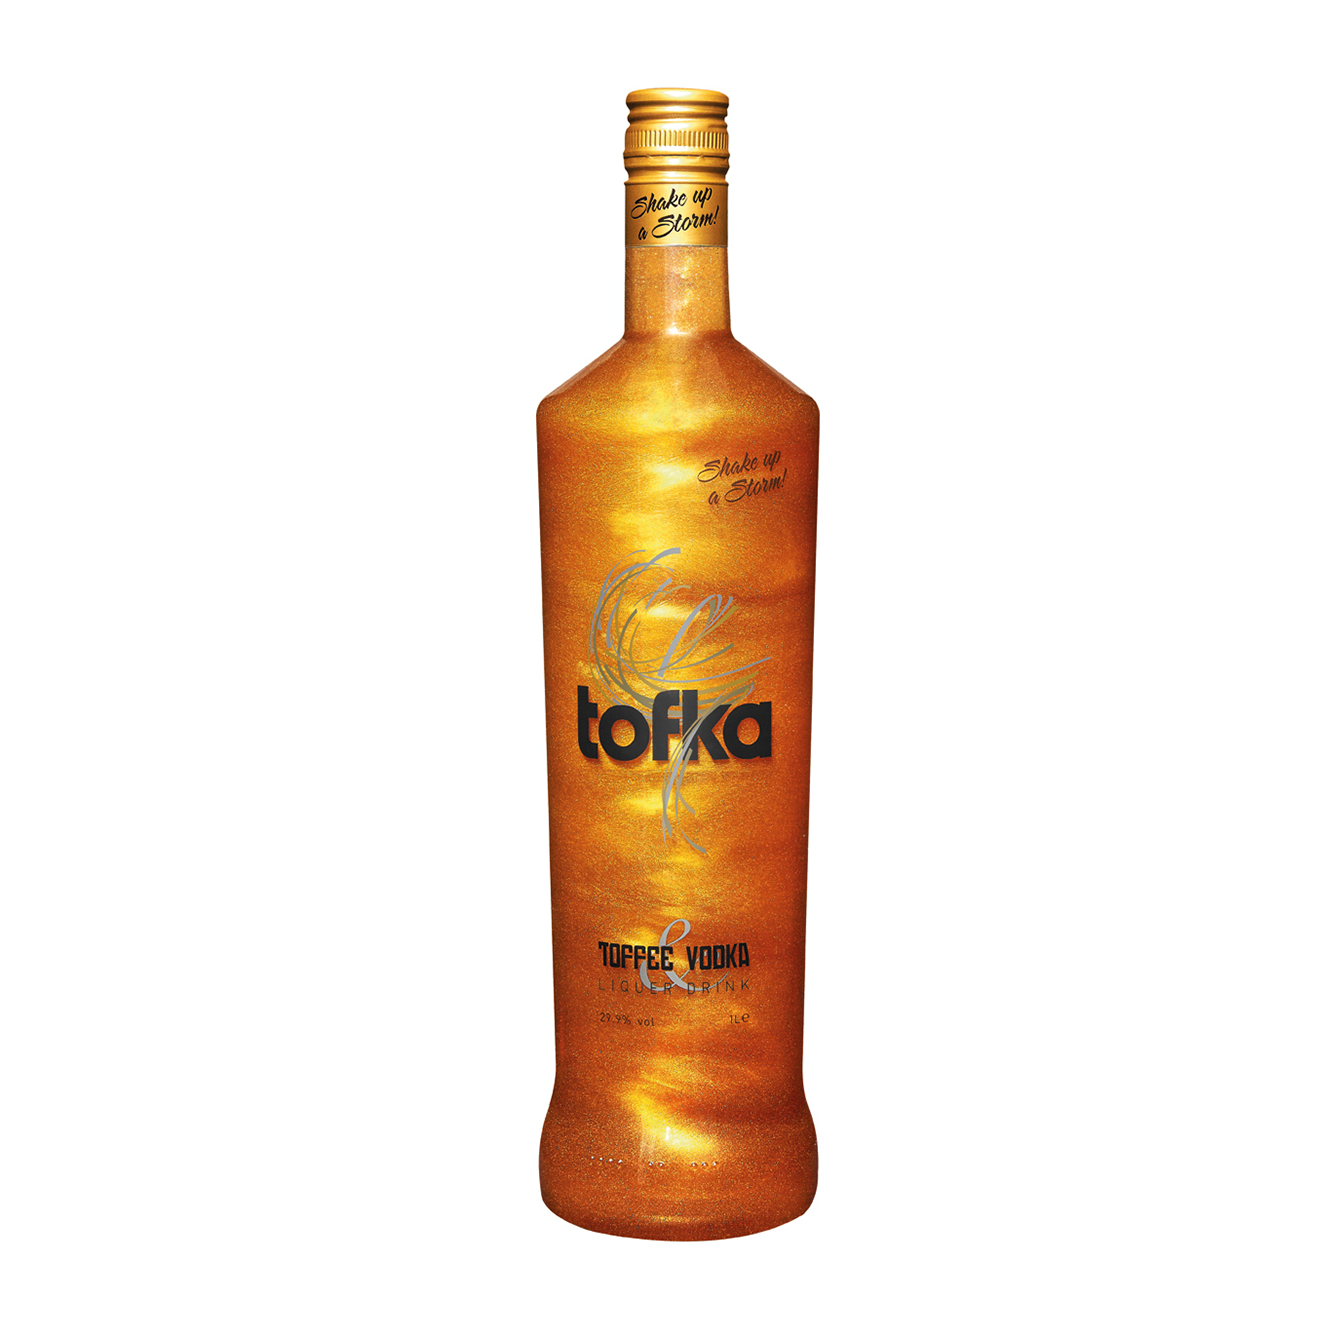 Tofka Vodka